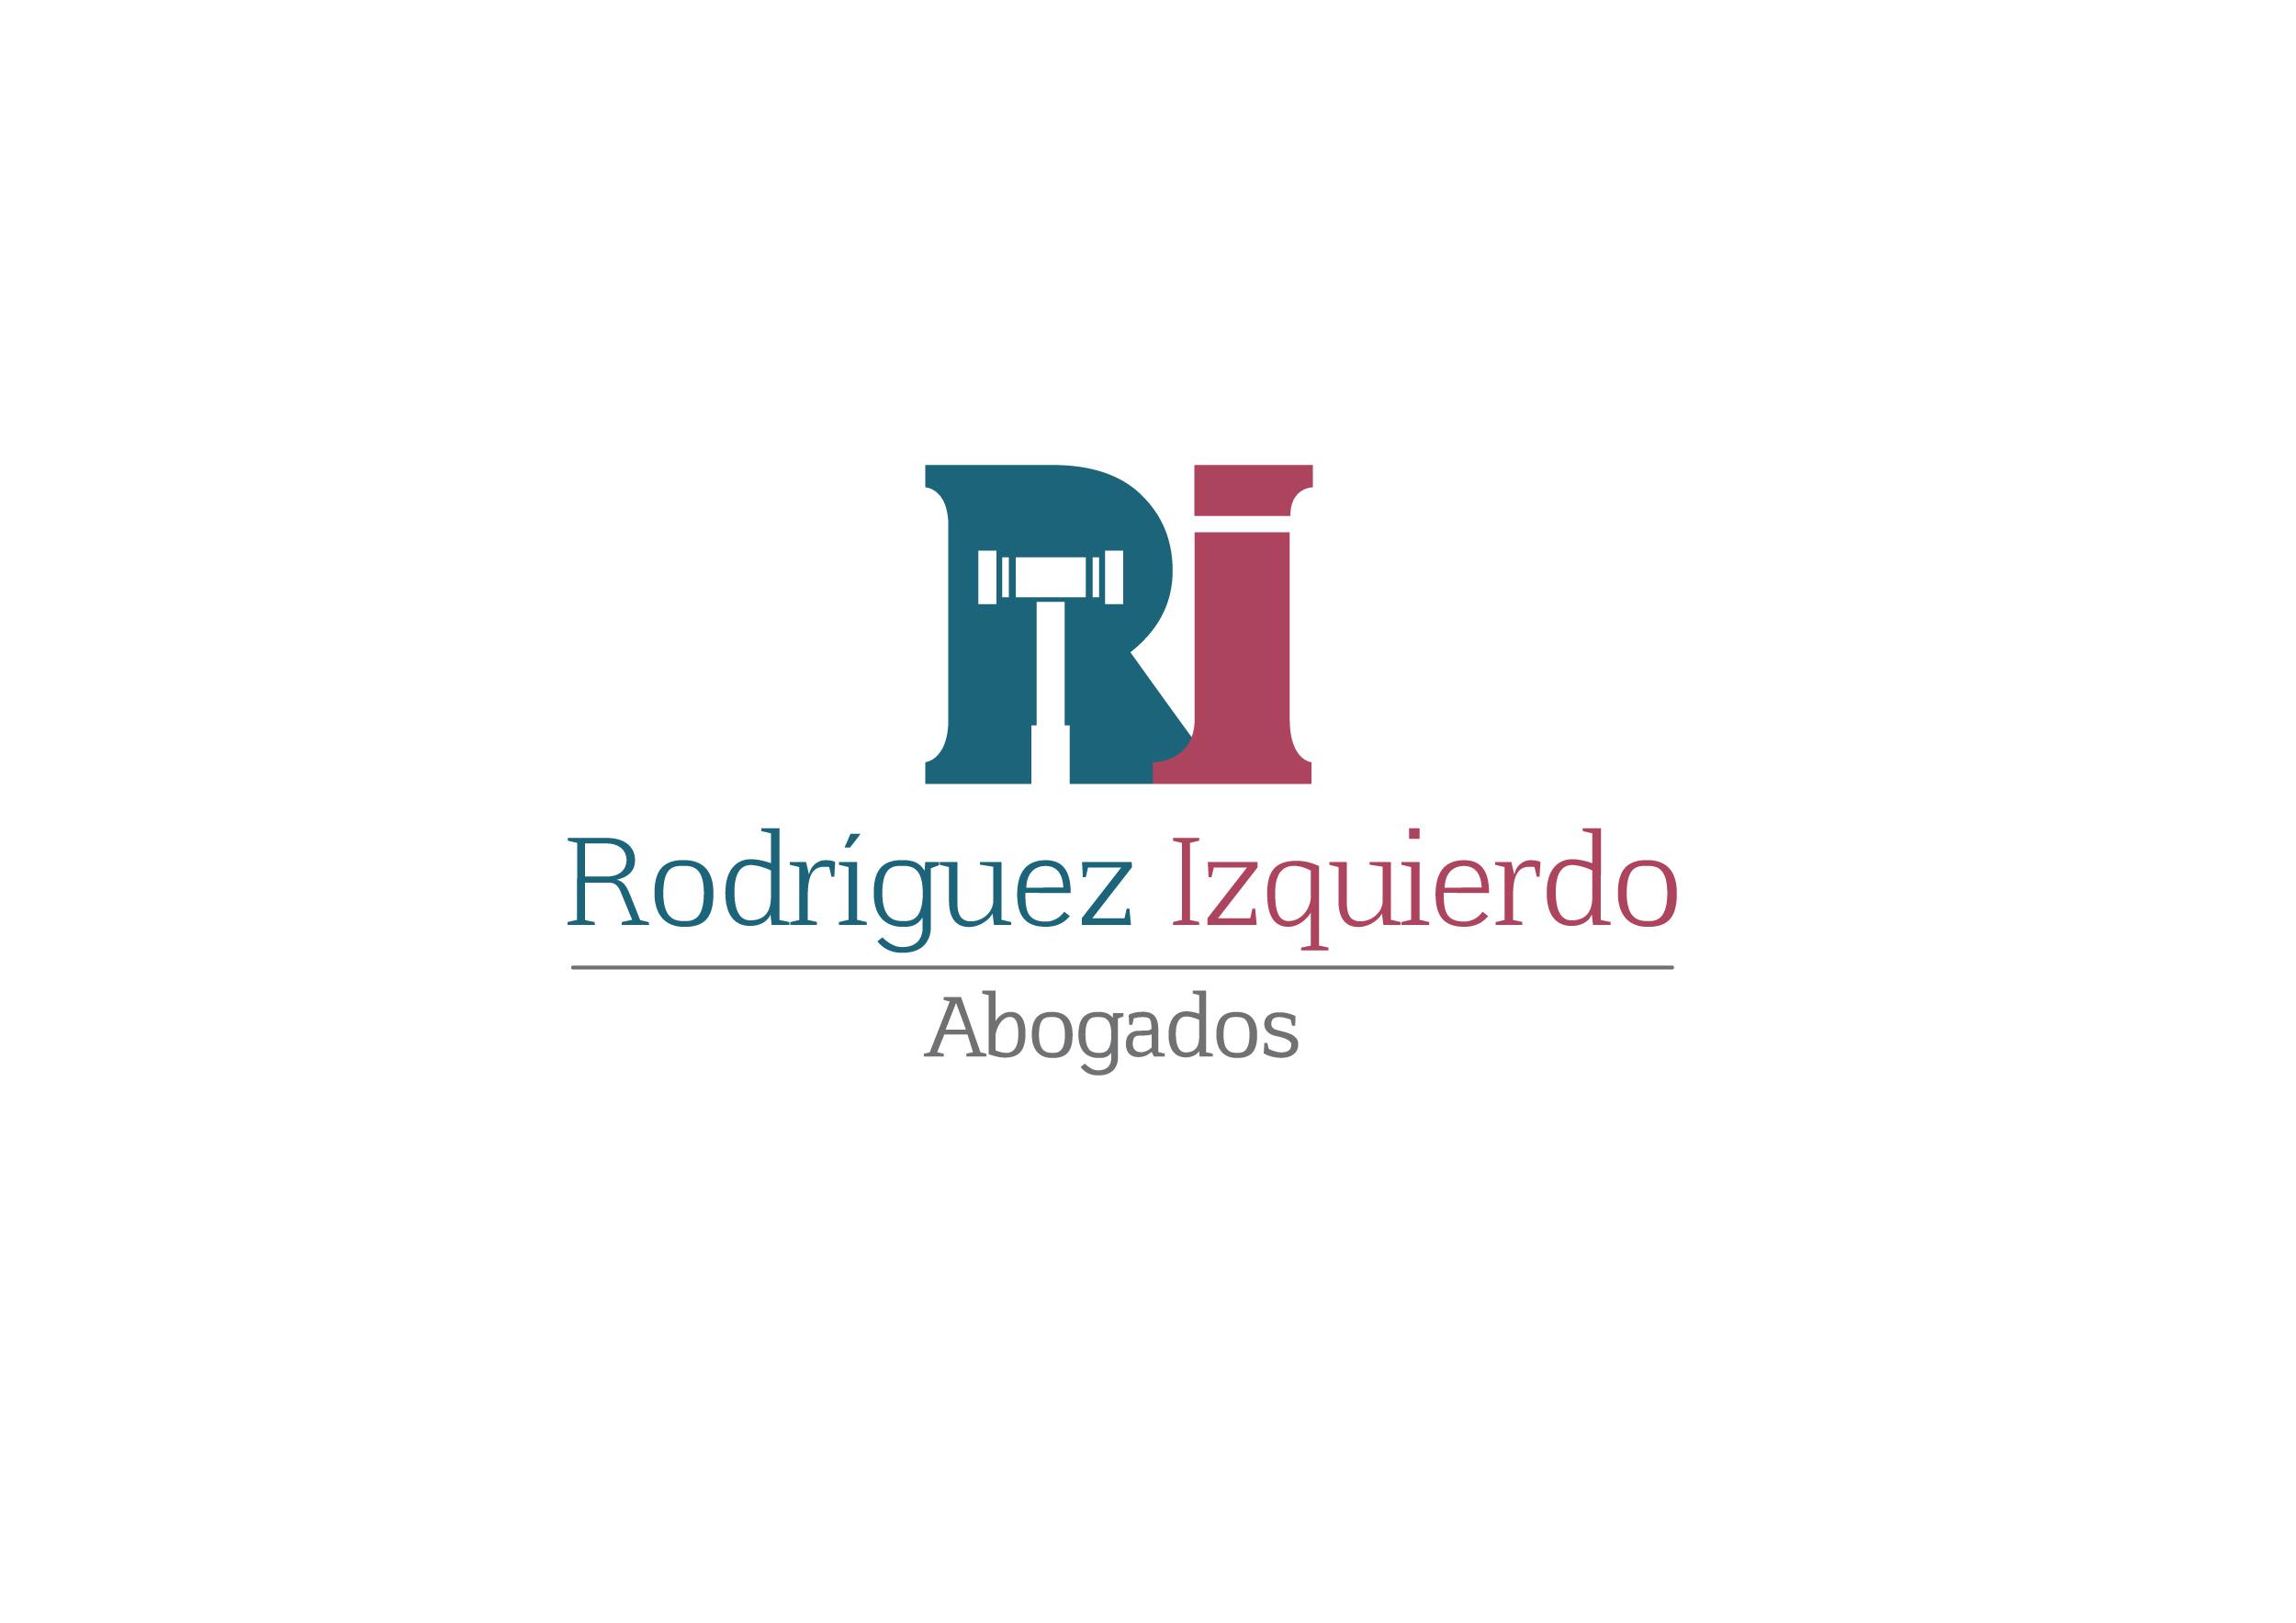 Rodríguez Izquierdo